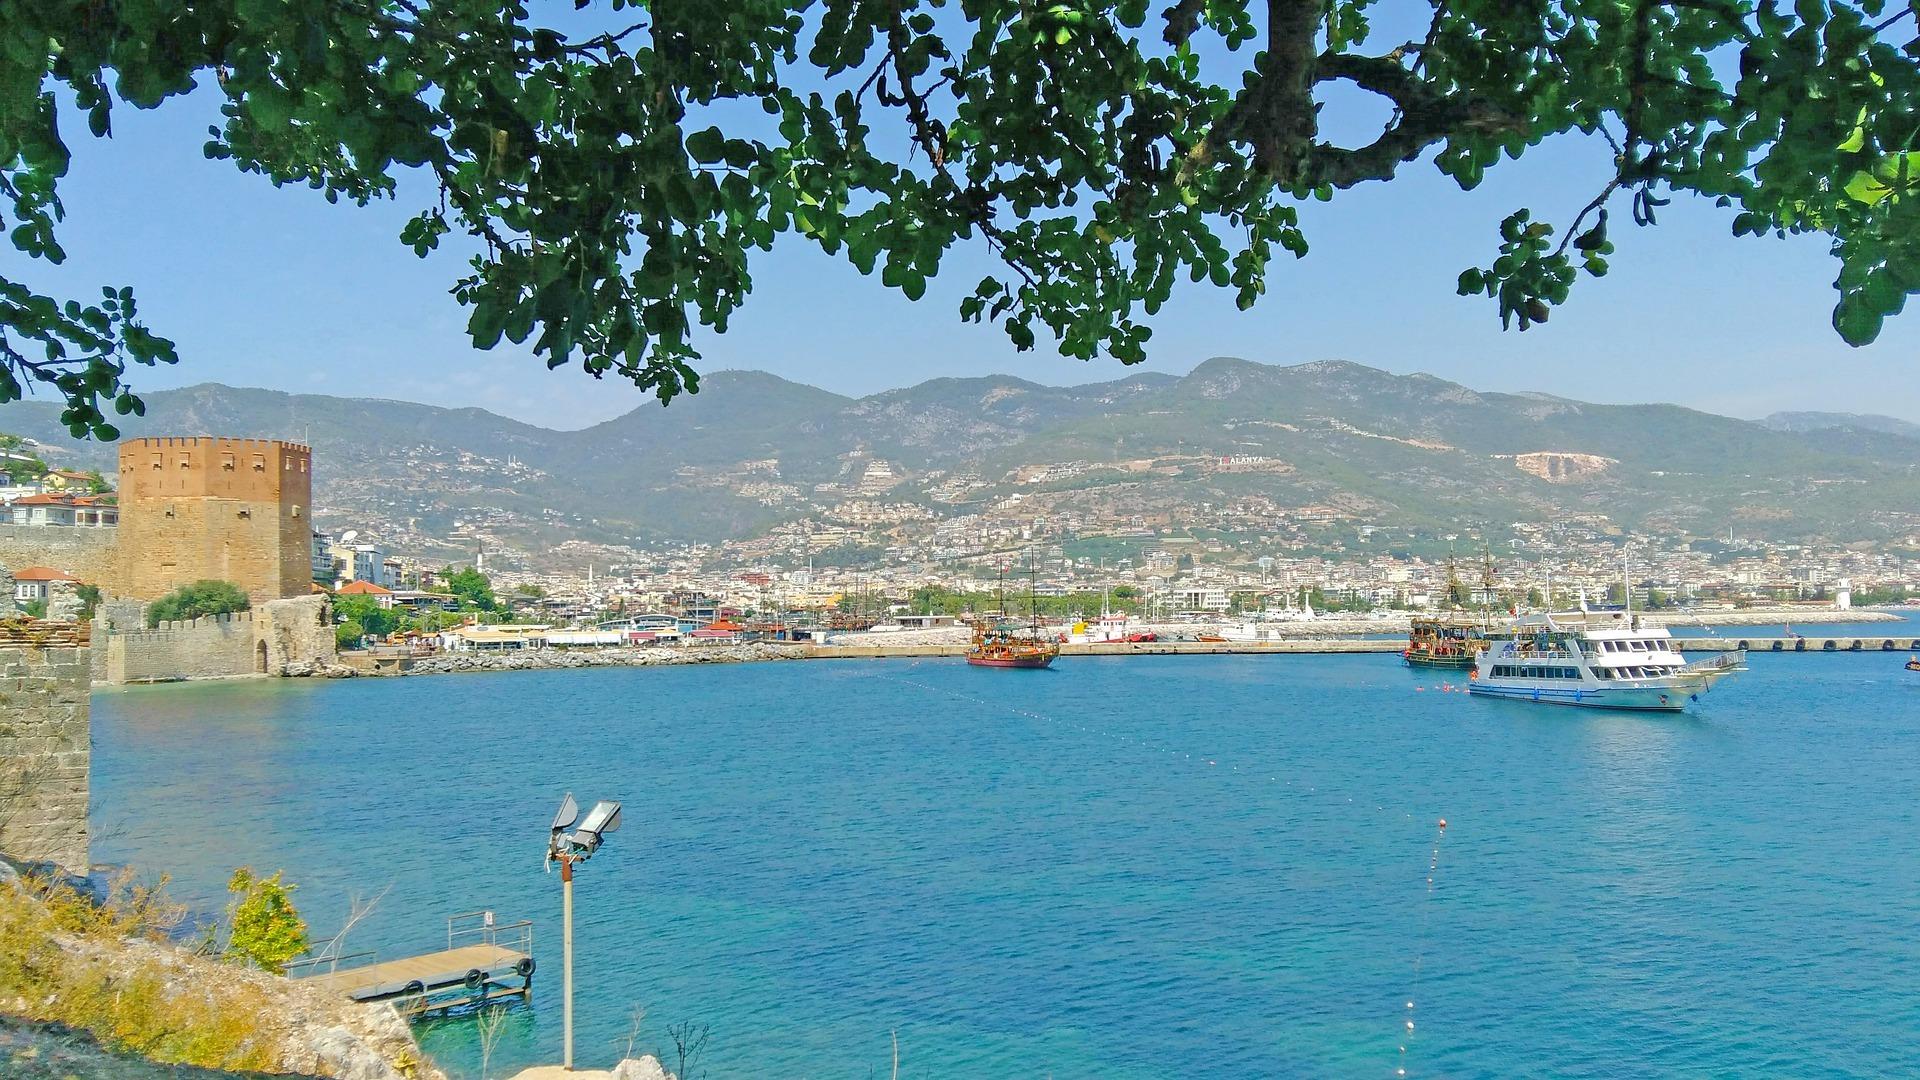 Ein Blick auf den Hafen Alanyas